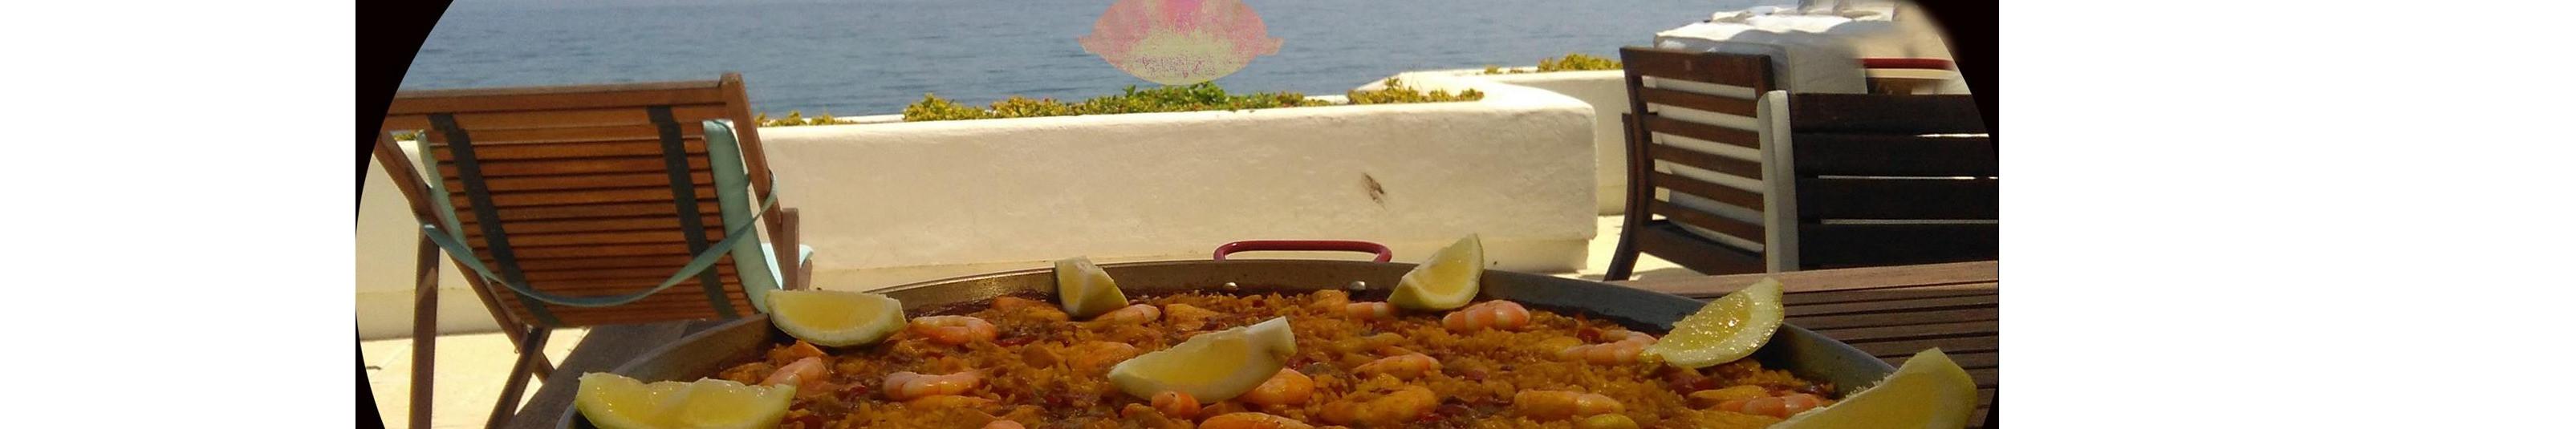 Paella Marbella Chef en Casa